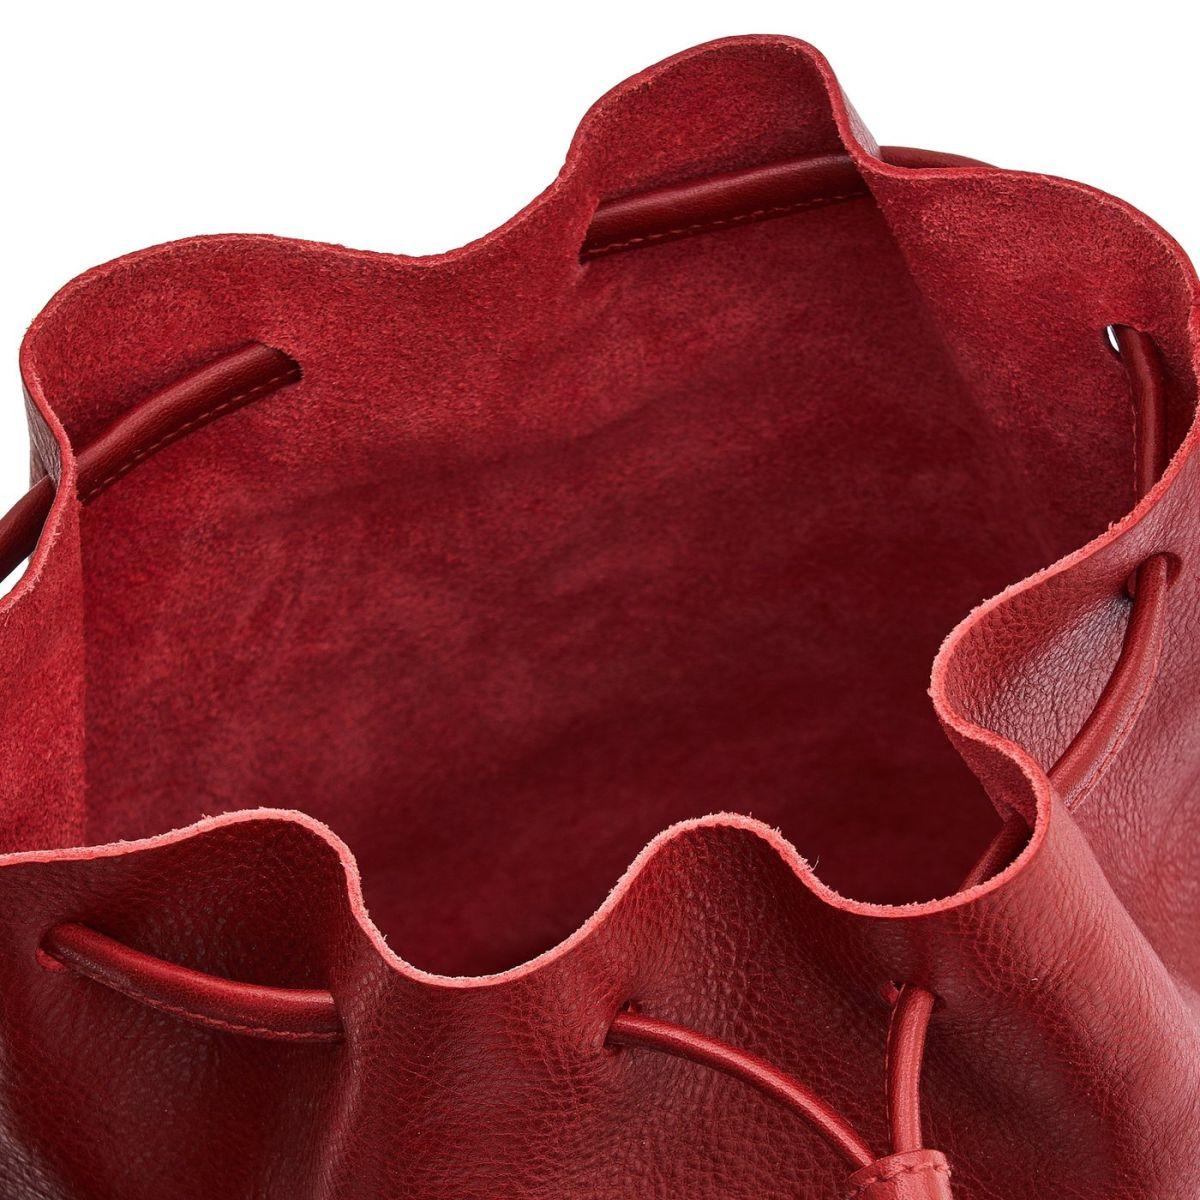 Sac Seau pour Femme Stibbert en Cuir De Vachette Doublé BBU006 couleur Rouge | Details